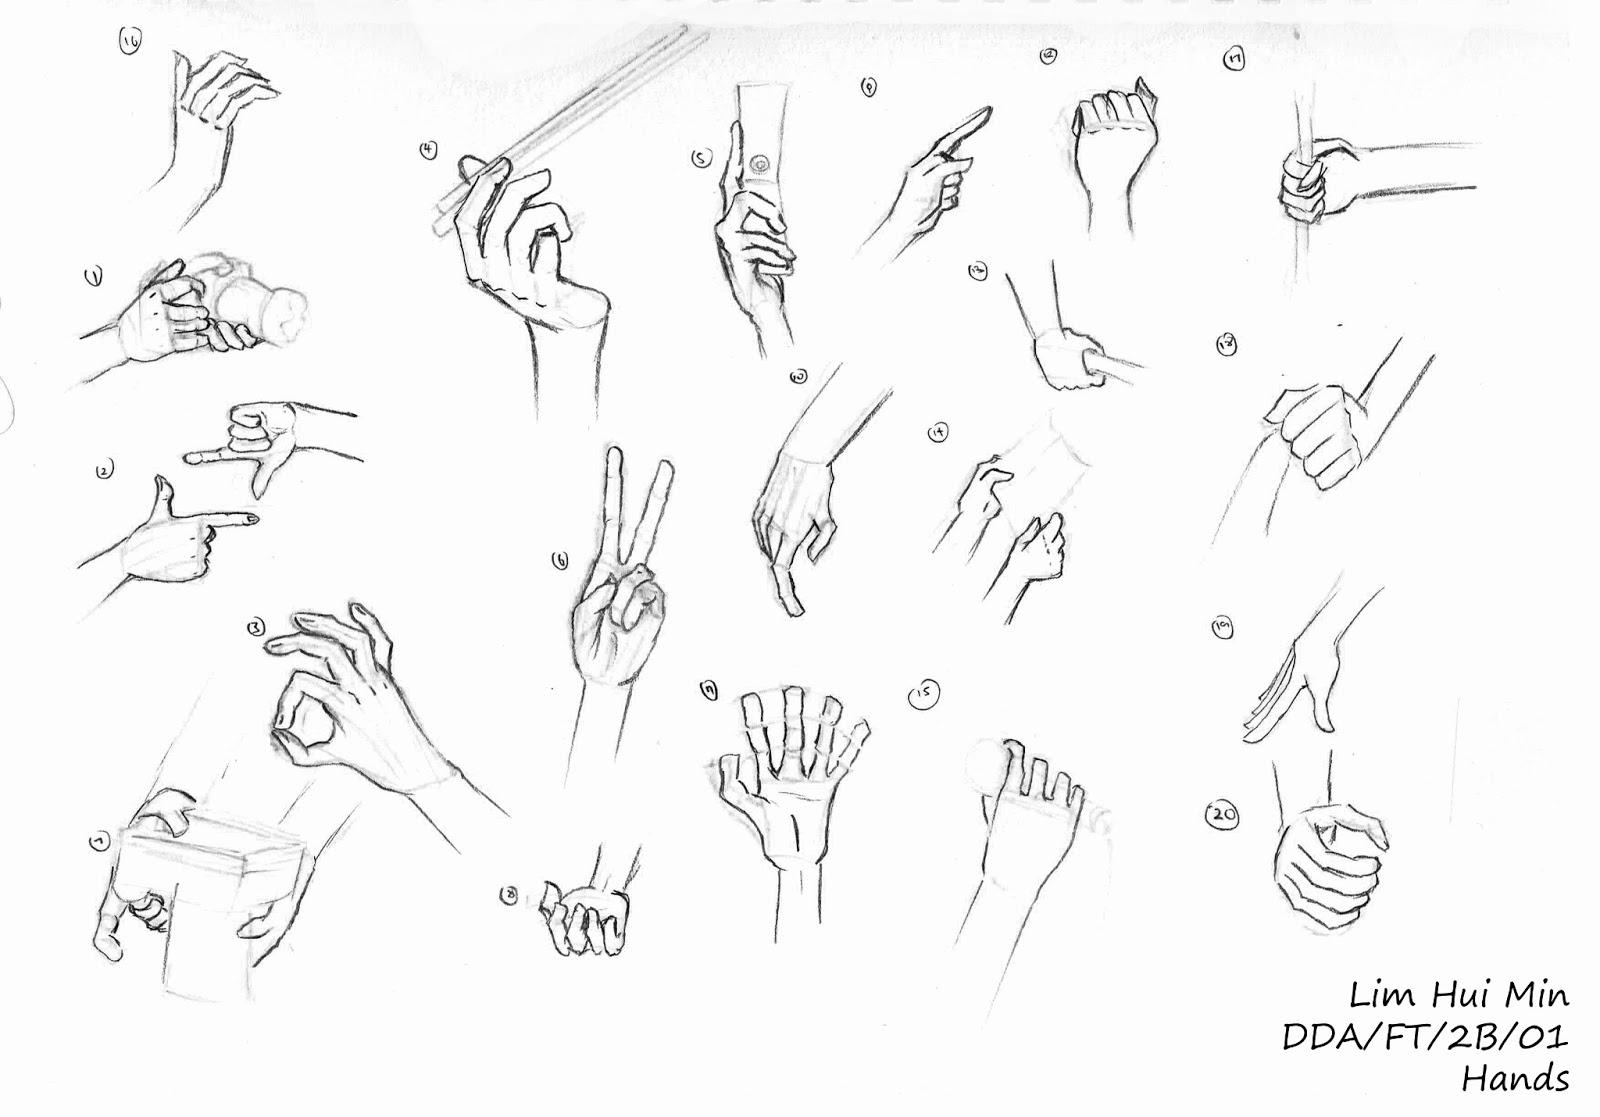 Drawn hand gesture #1